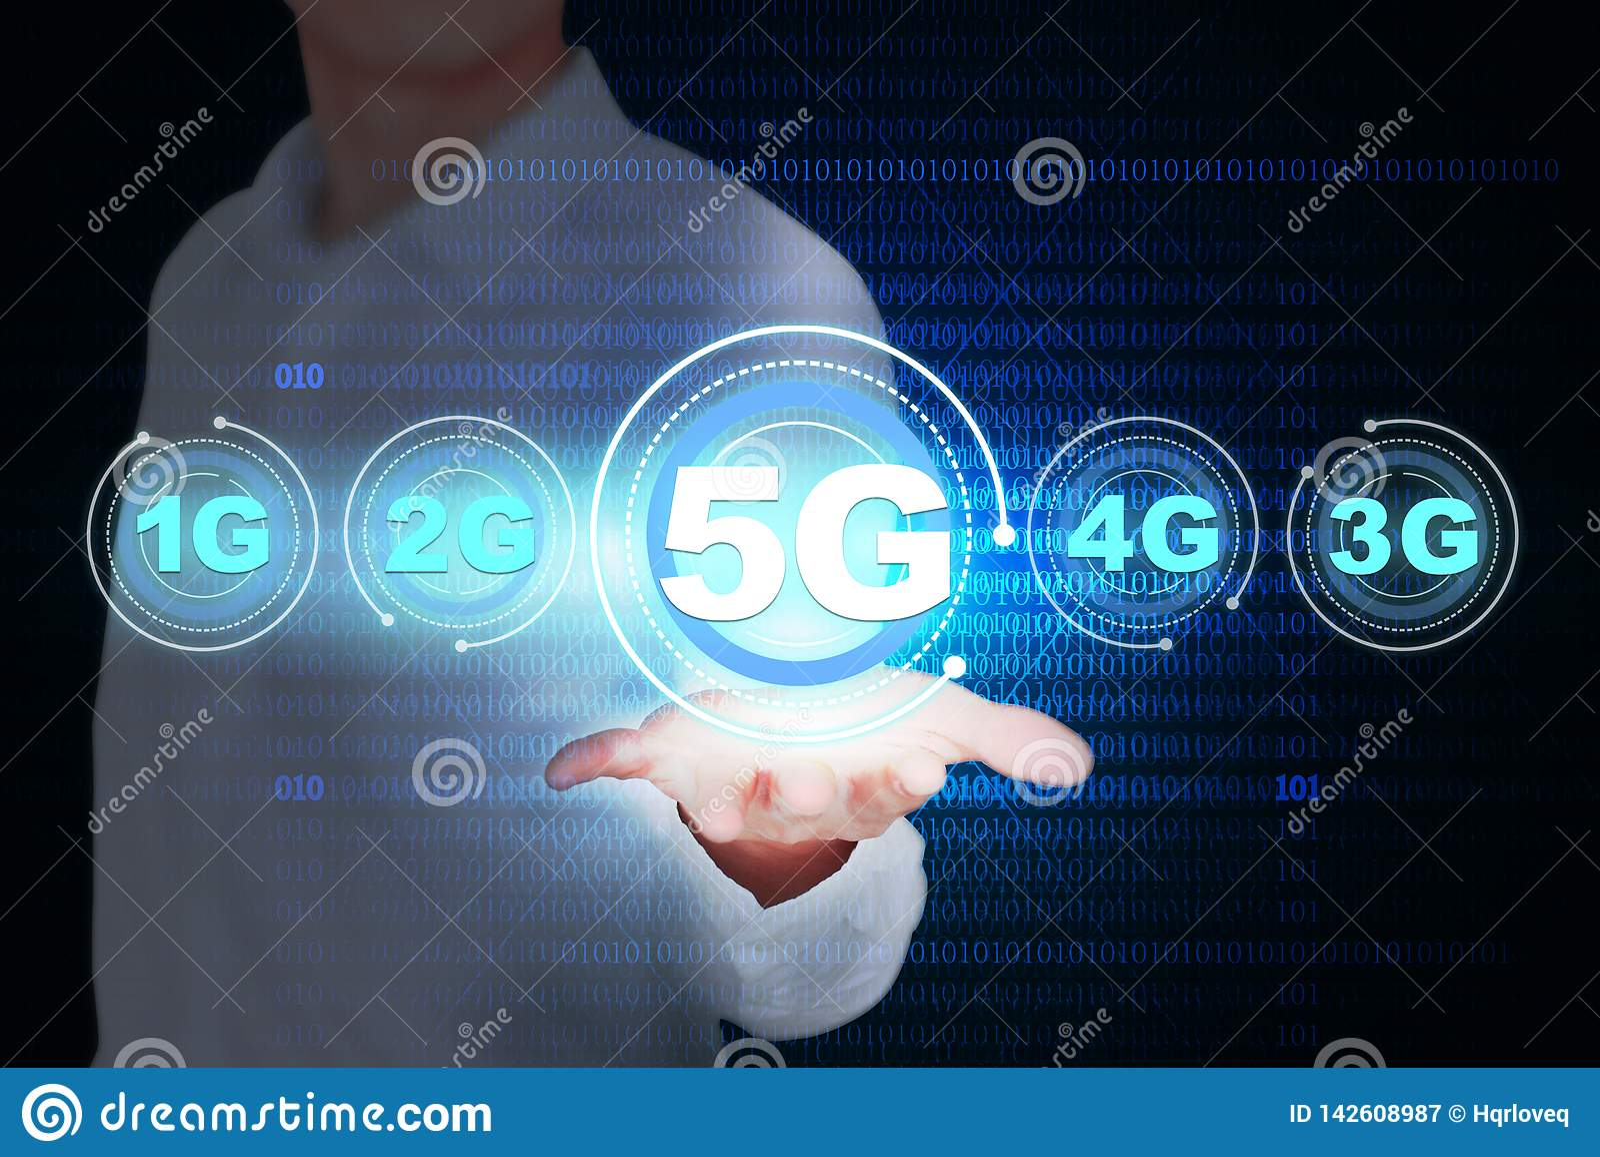 Mapa creativo del concepto del desarrollo 5G, datos móviles inalámbricos de alta velocidad